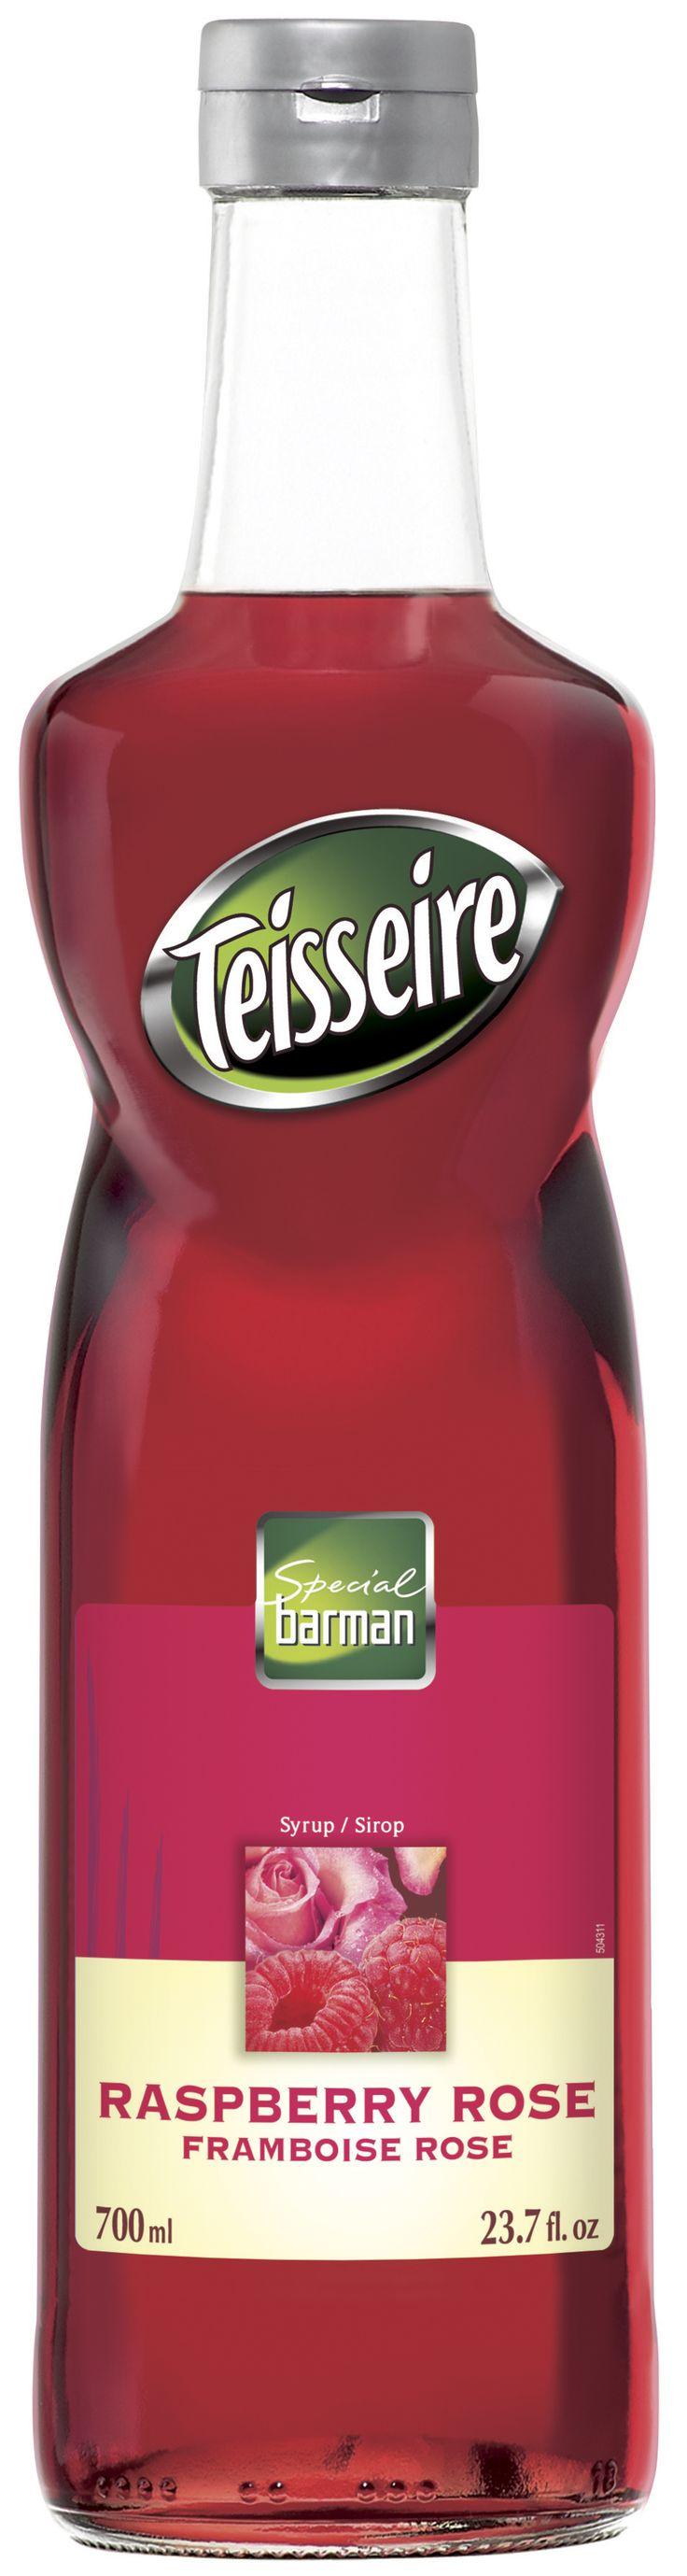 Σιροπι για κοκτέιλ, TEISSEIRE με framboise - raspberry # Granikal.